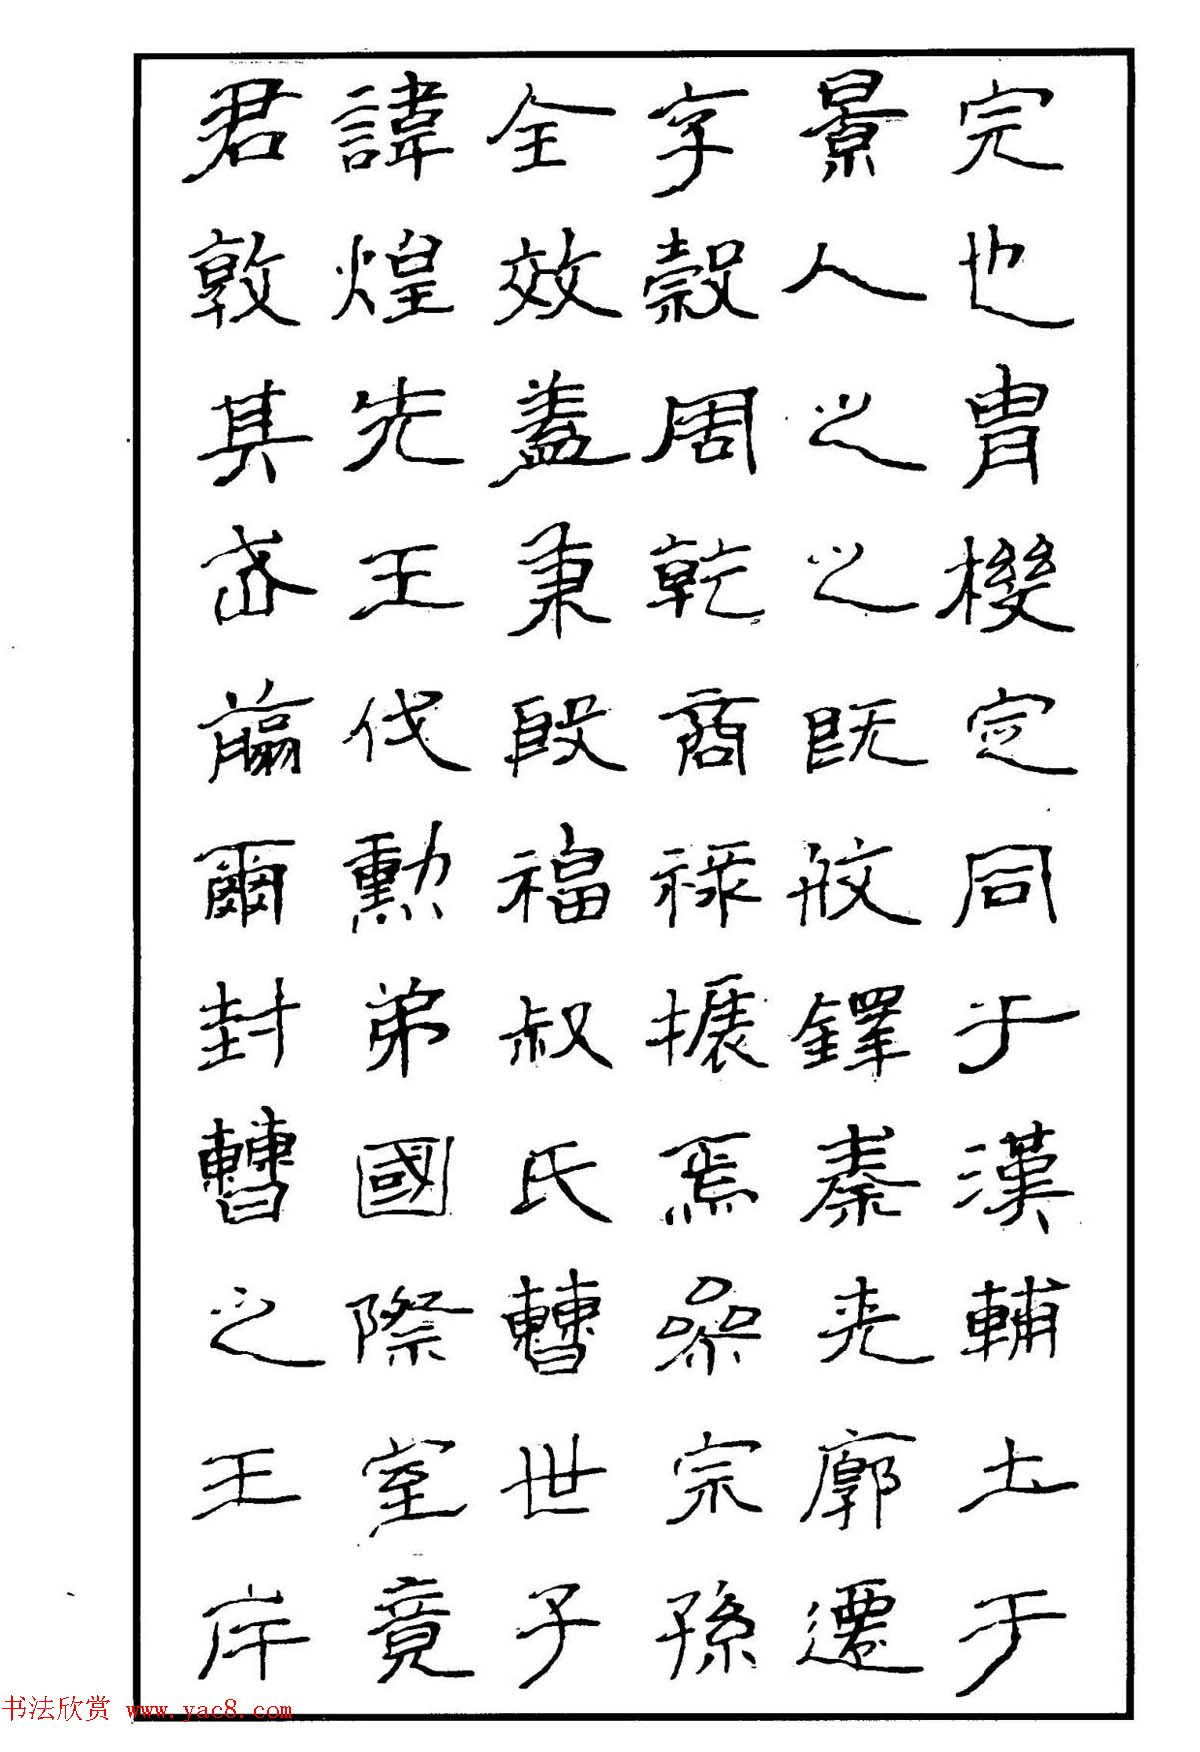 钢笔书法作品集 隶书名家精品欣赏 第8页 硬笔书法 书法欣赏